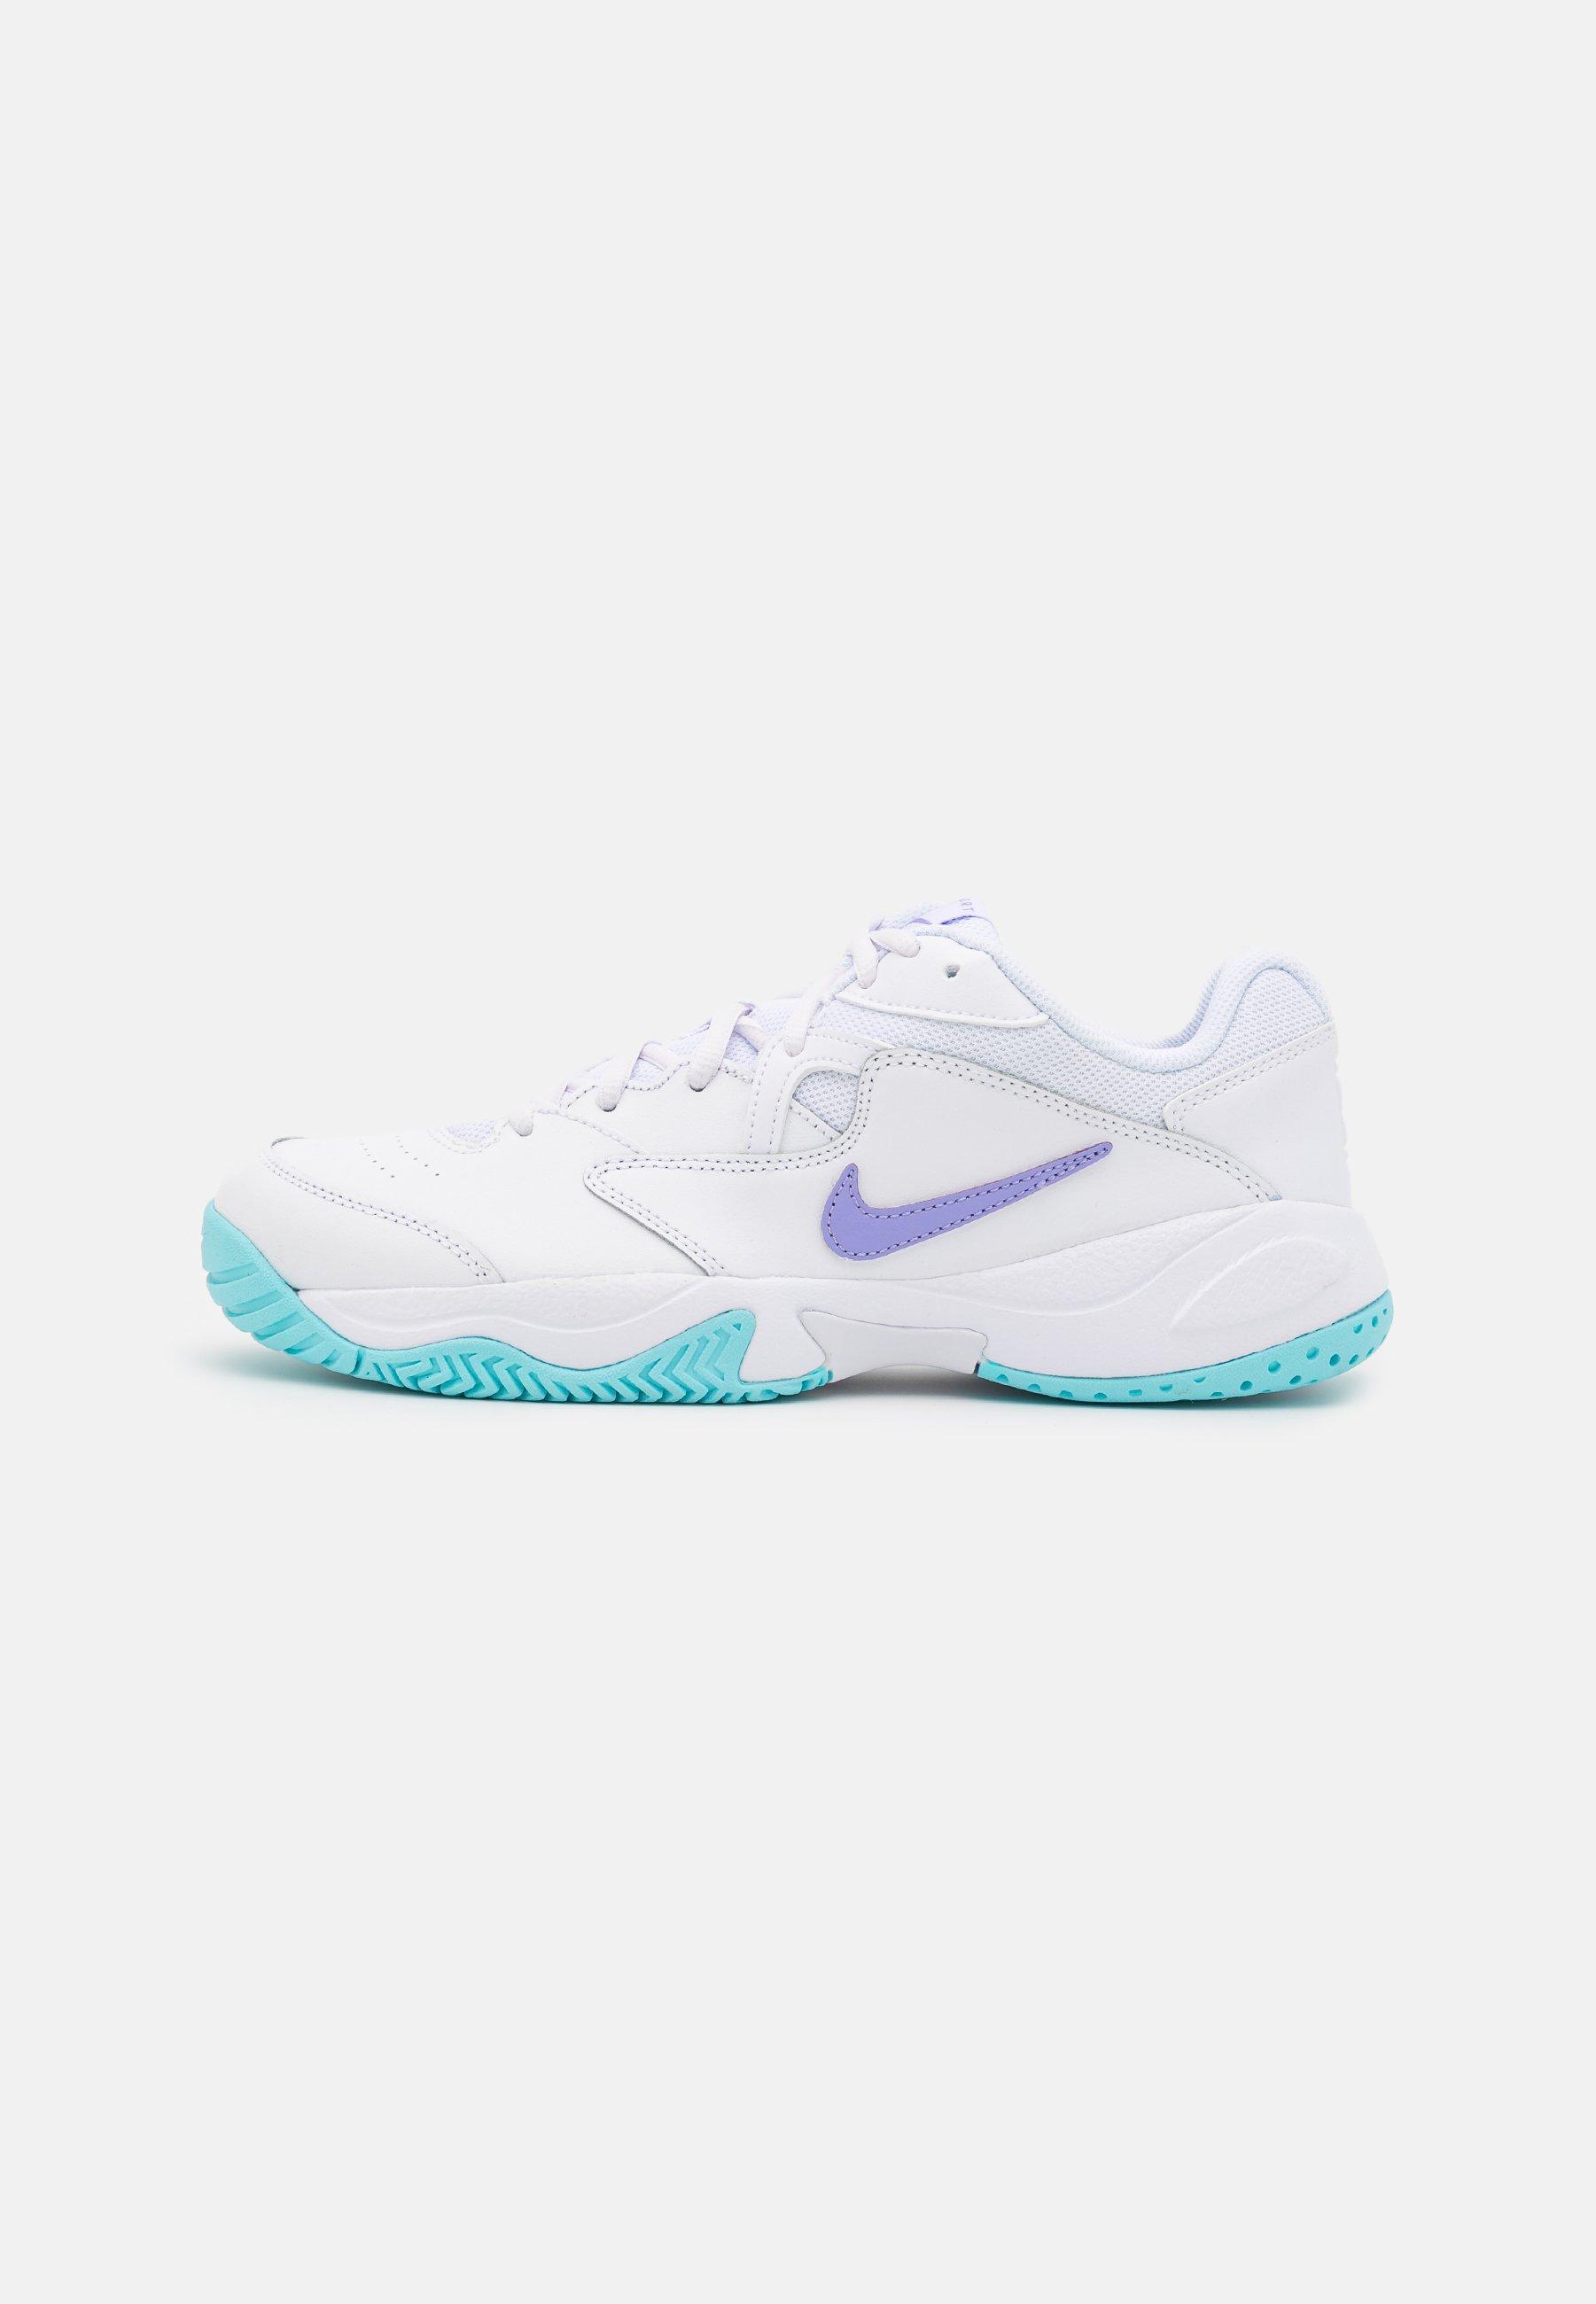 Femme LITE 2 - Chaussures de tennis toutes surfaces